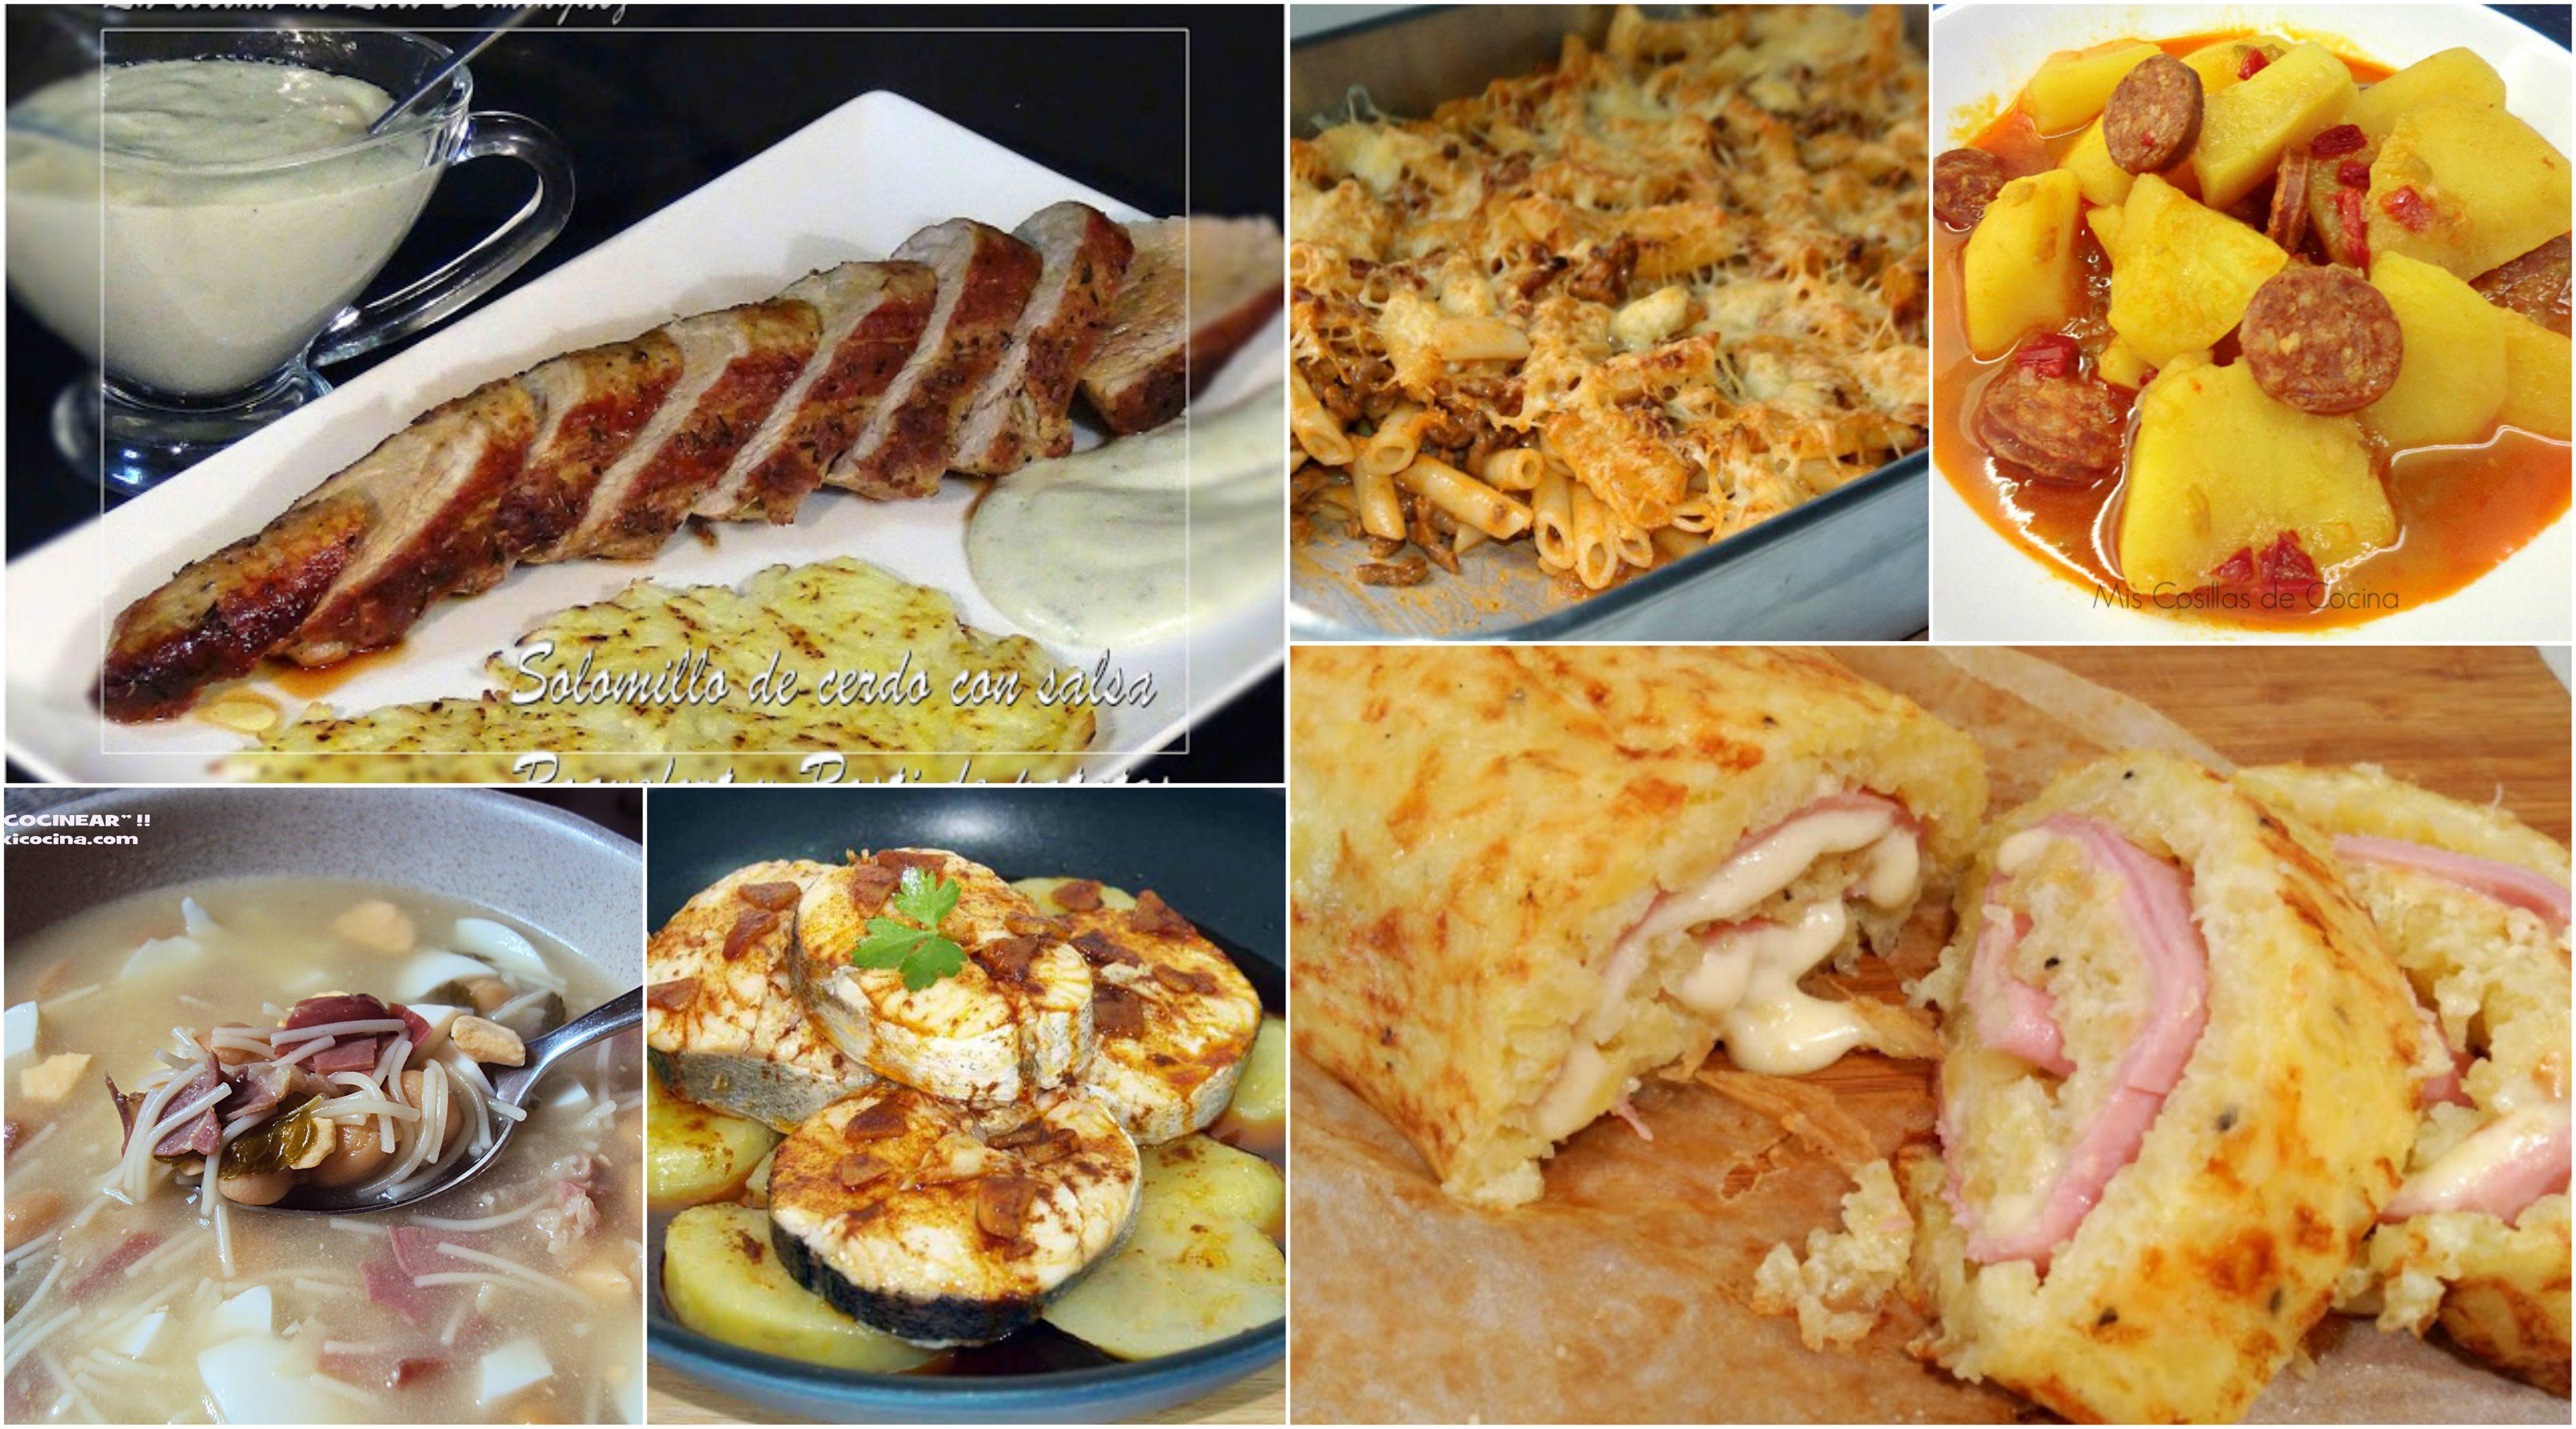 Men semanal 39 la cocina de pedro y yolanda for Cocina de pedro y yolanda